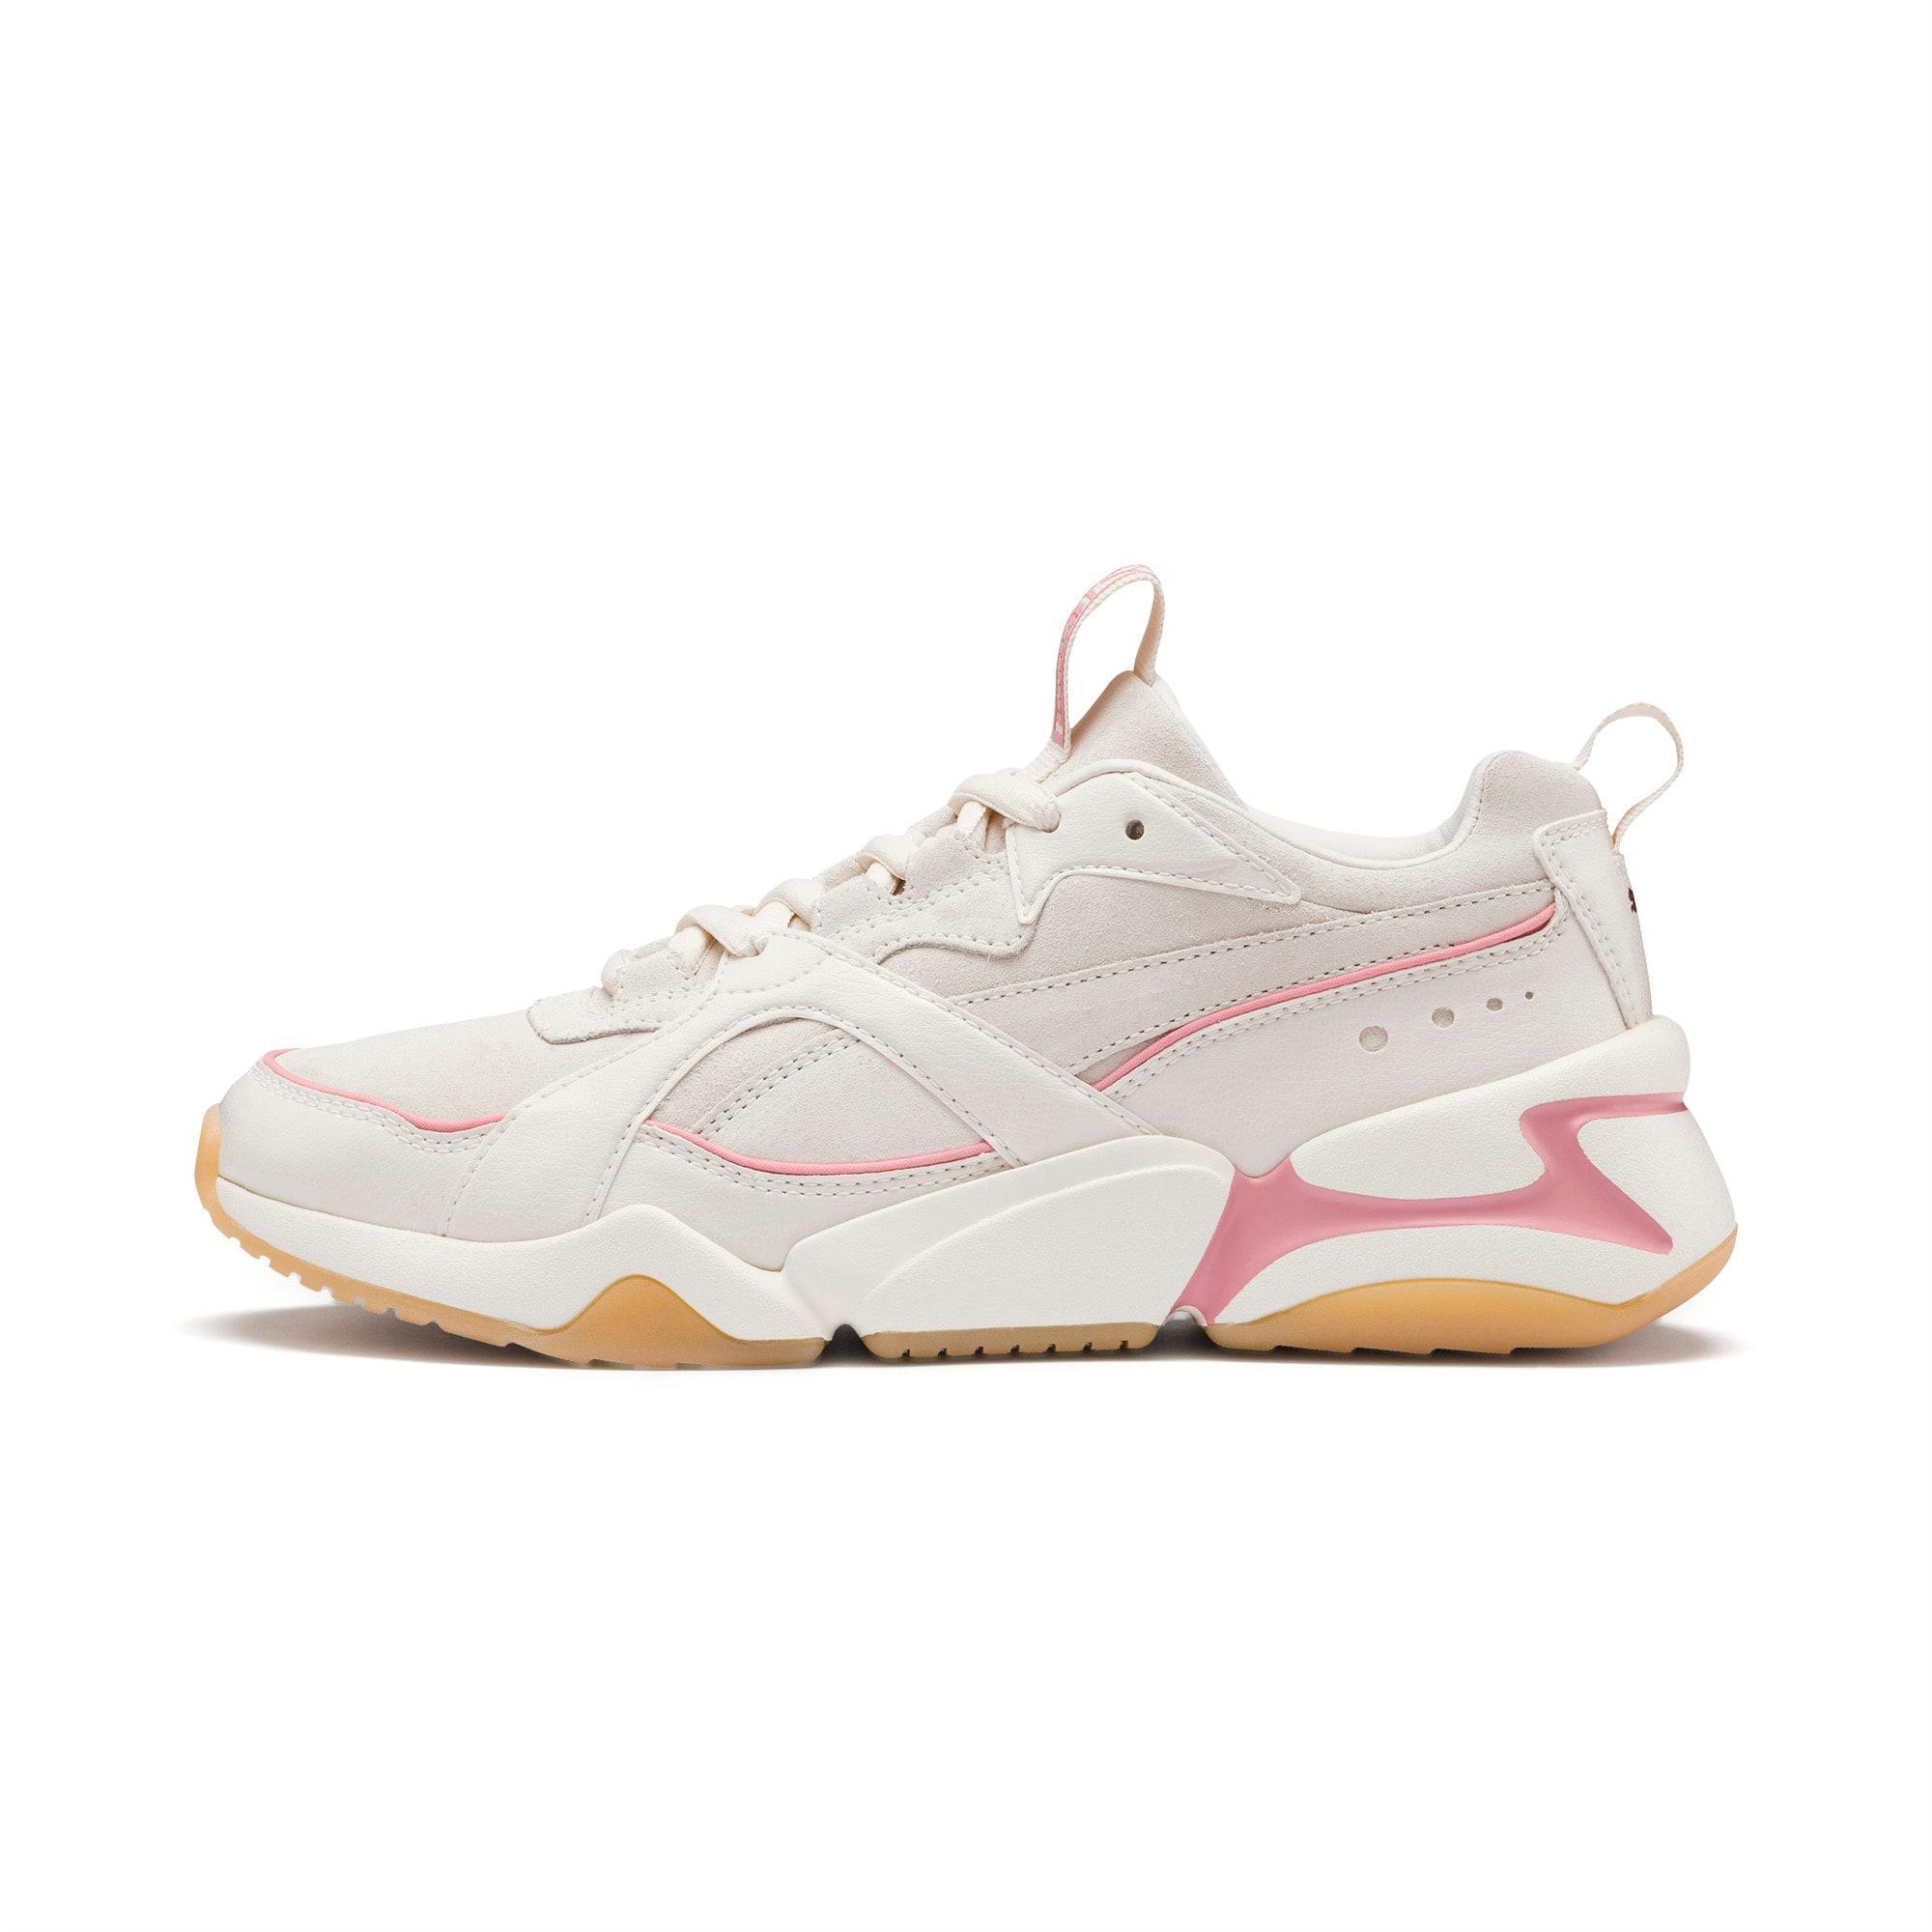 PUMA Nova 2 Suede Women's Sneakers in White - Lyst